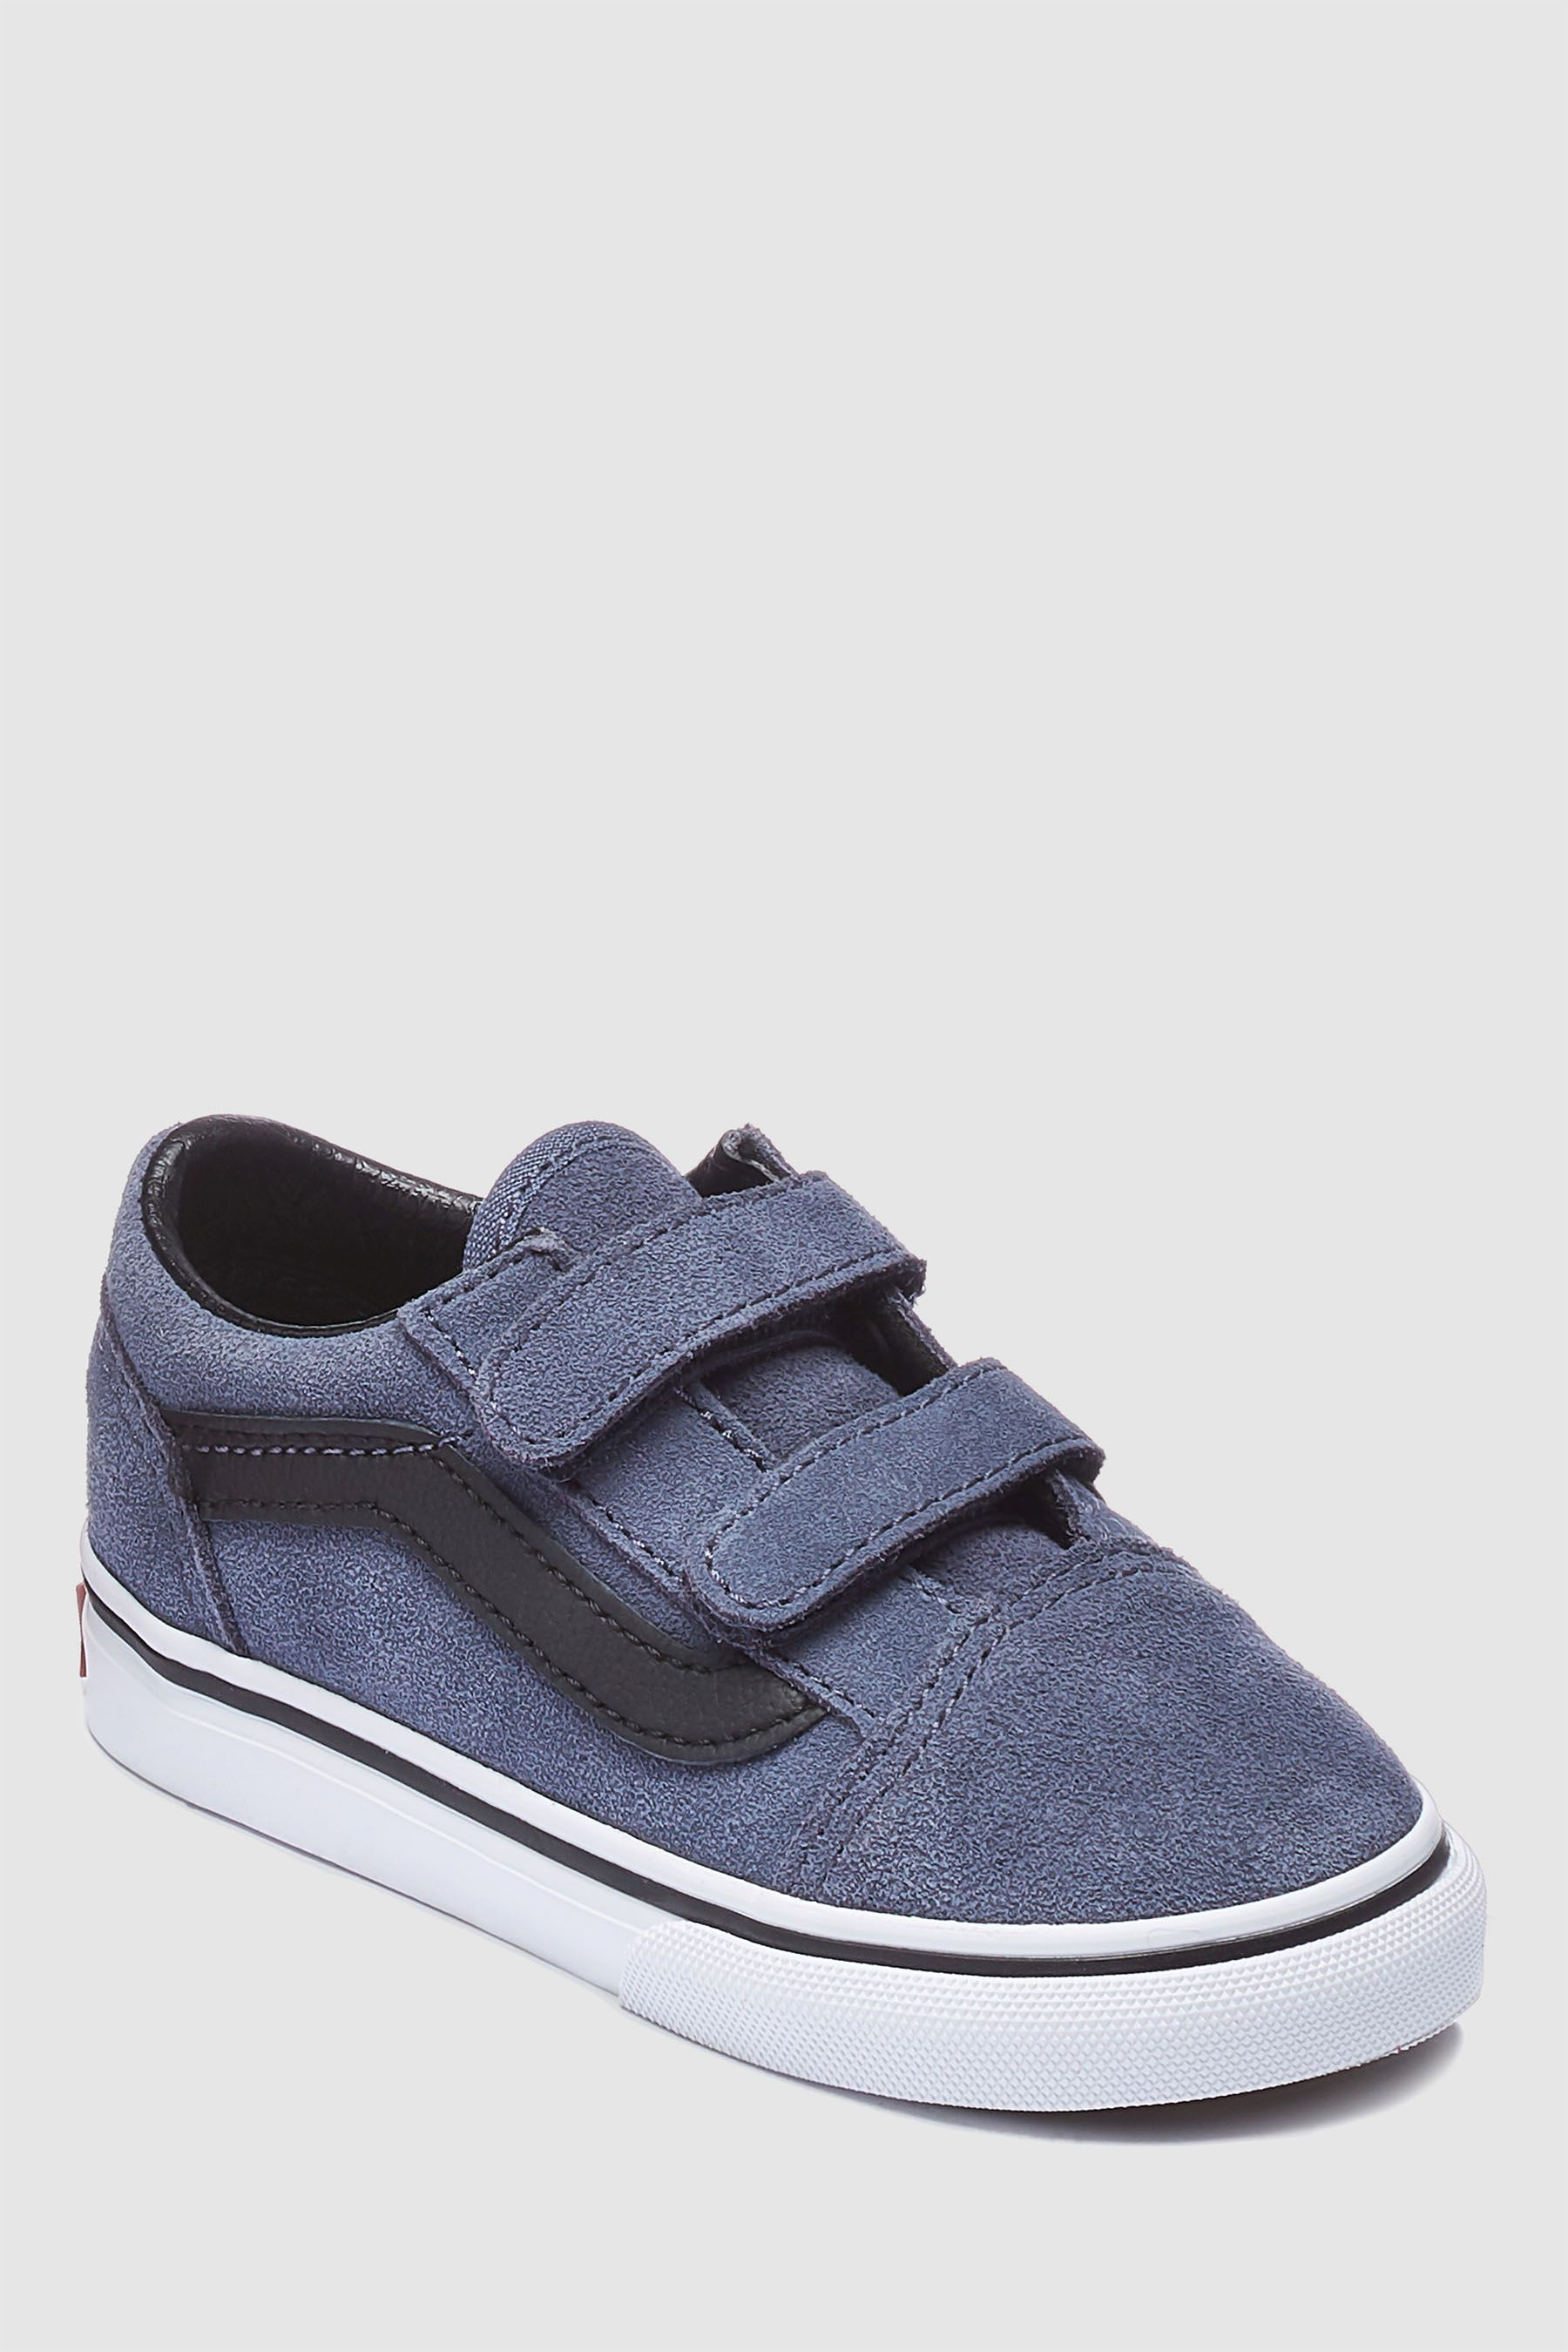 Boys Vans Old Skool Velcro Grey | Boys vans, Buy vans